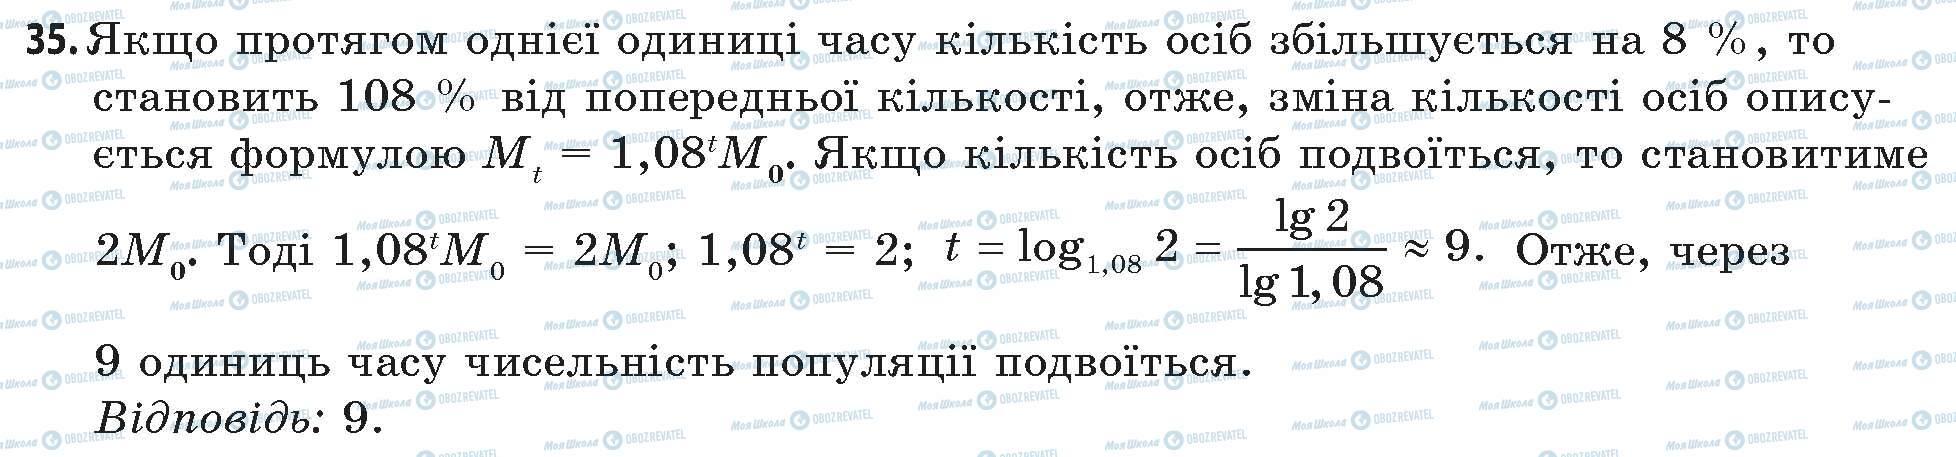 ГДЗ Математика 11 класс страница 35